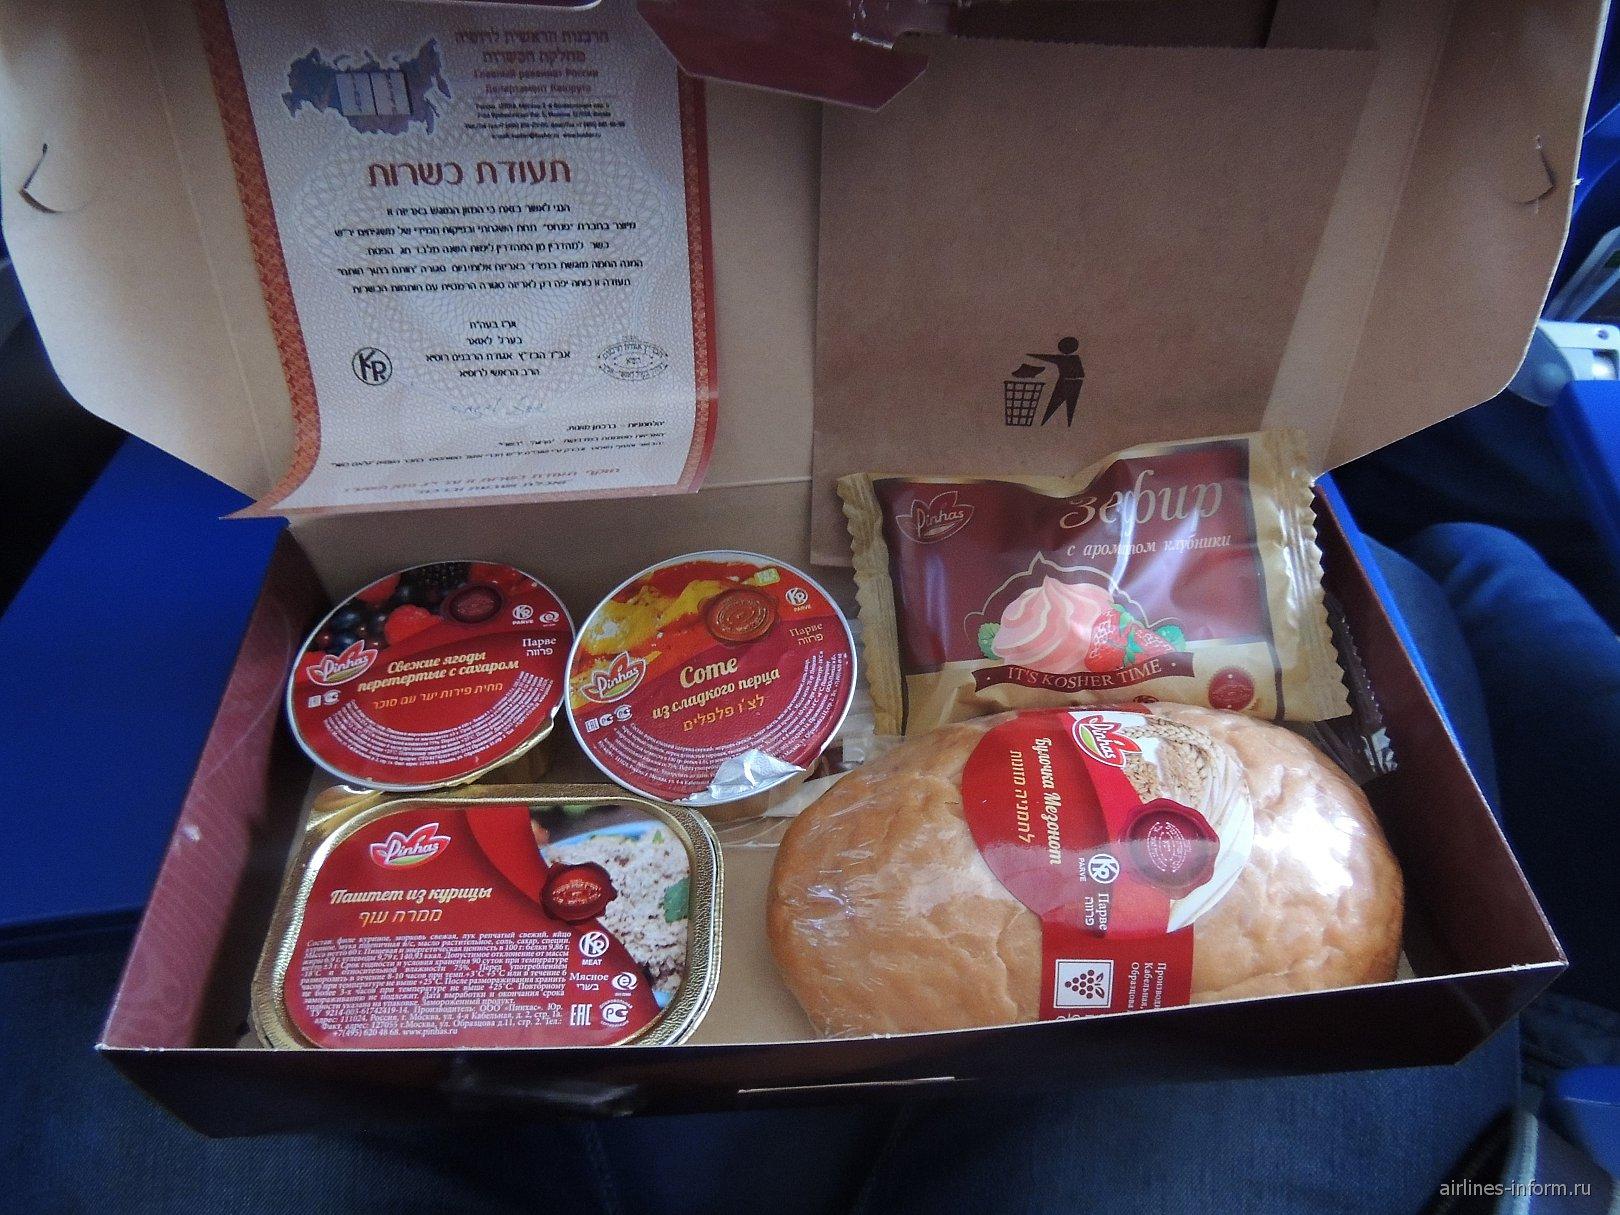 Кошерное питание на рейсе Аэрофлота Москва-Мурманск